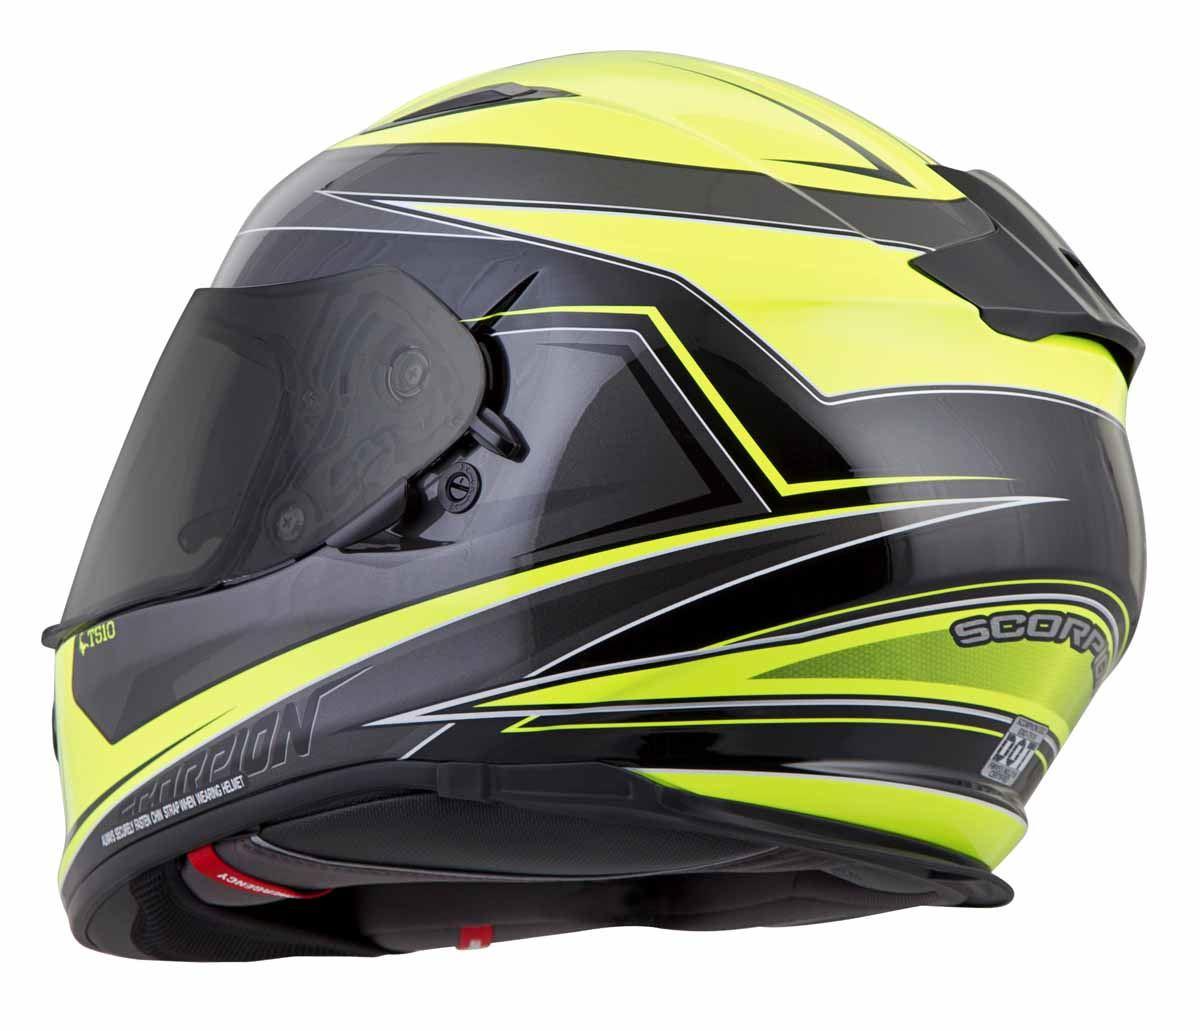 Scorpion-EXO-T510-Helmet-Full-Face-DOT-Approved-Inner-Sun-Shield miniature 39